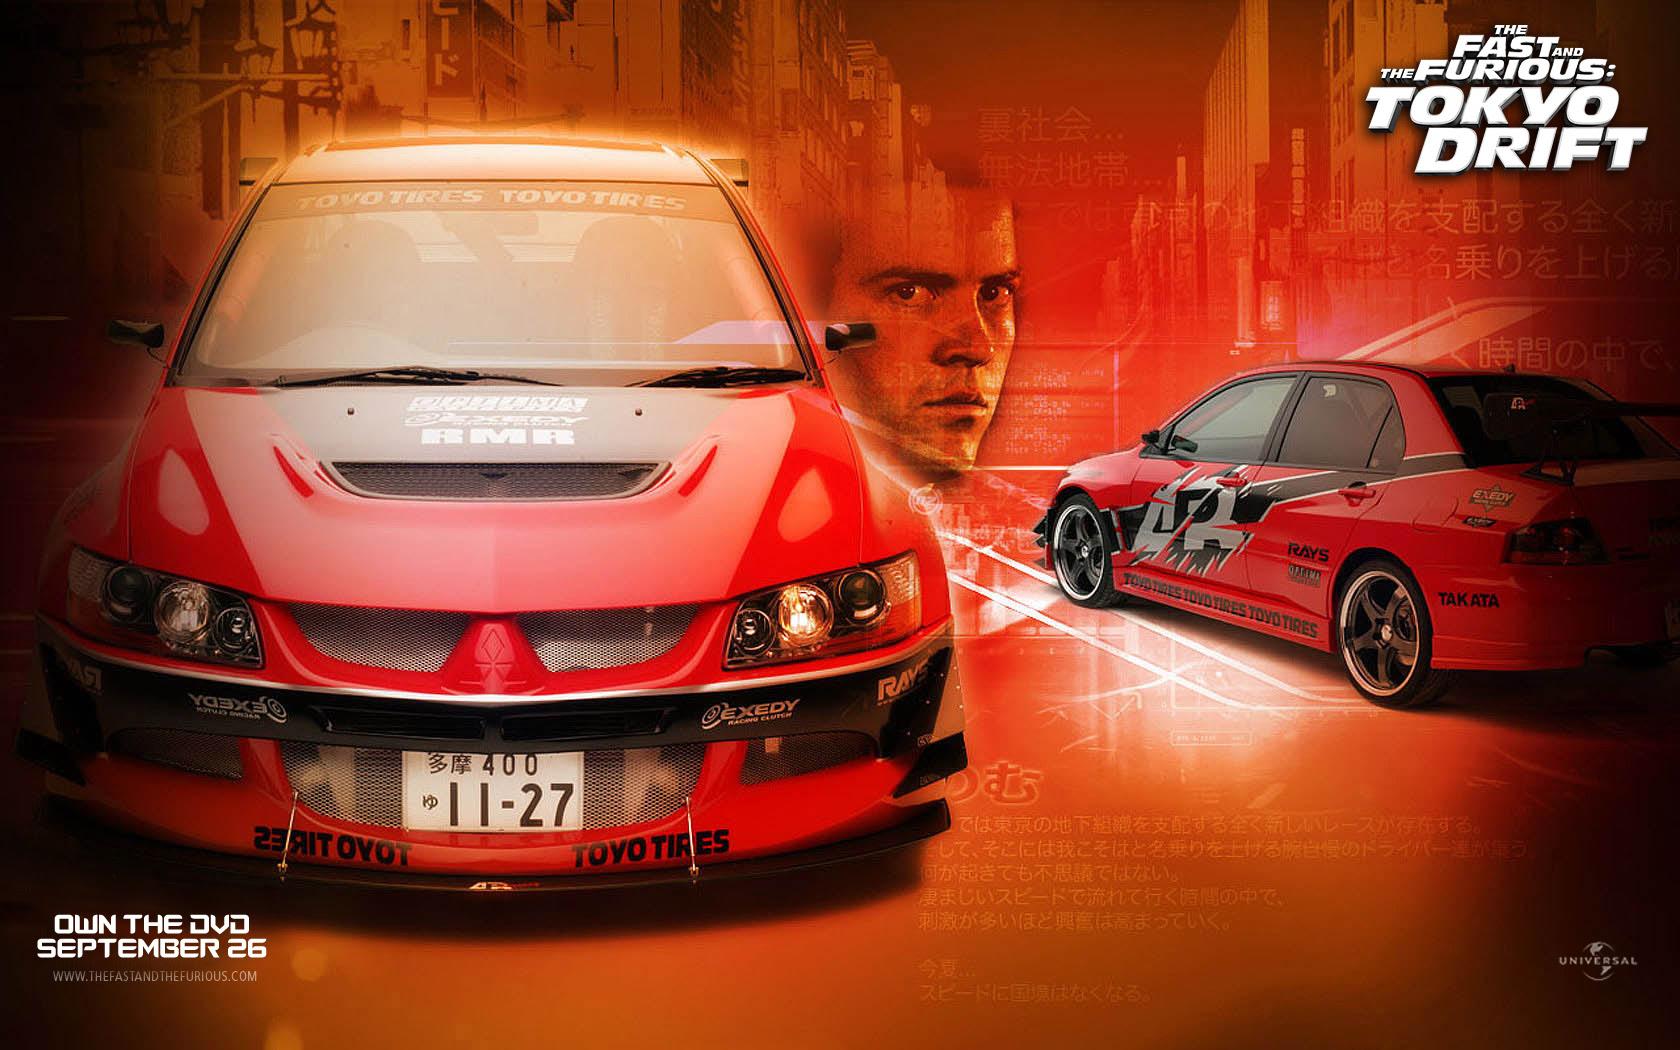 Tokyo Drift Wallpaper Velozes E Furiosos Wallpaper 367267 Fanpop